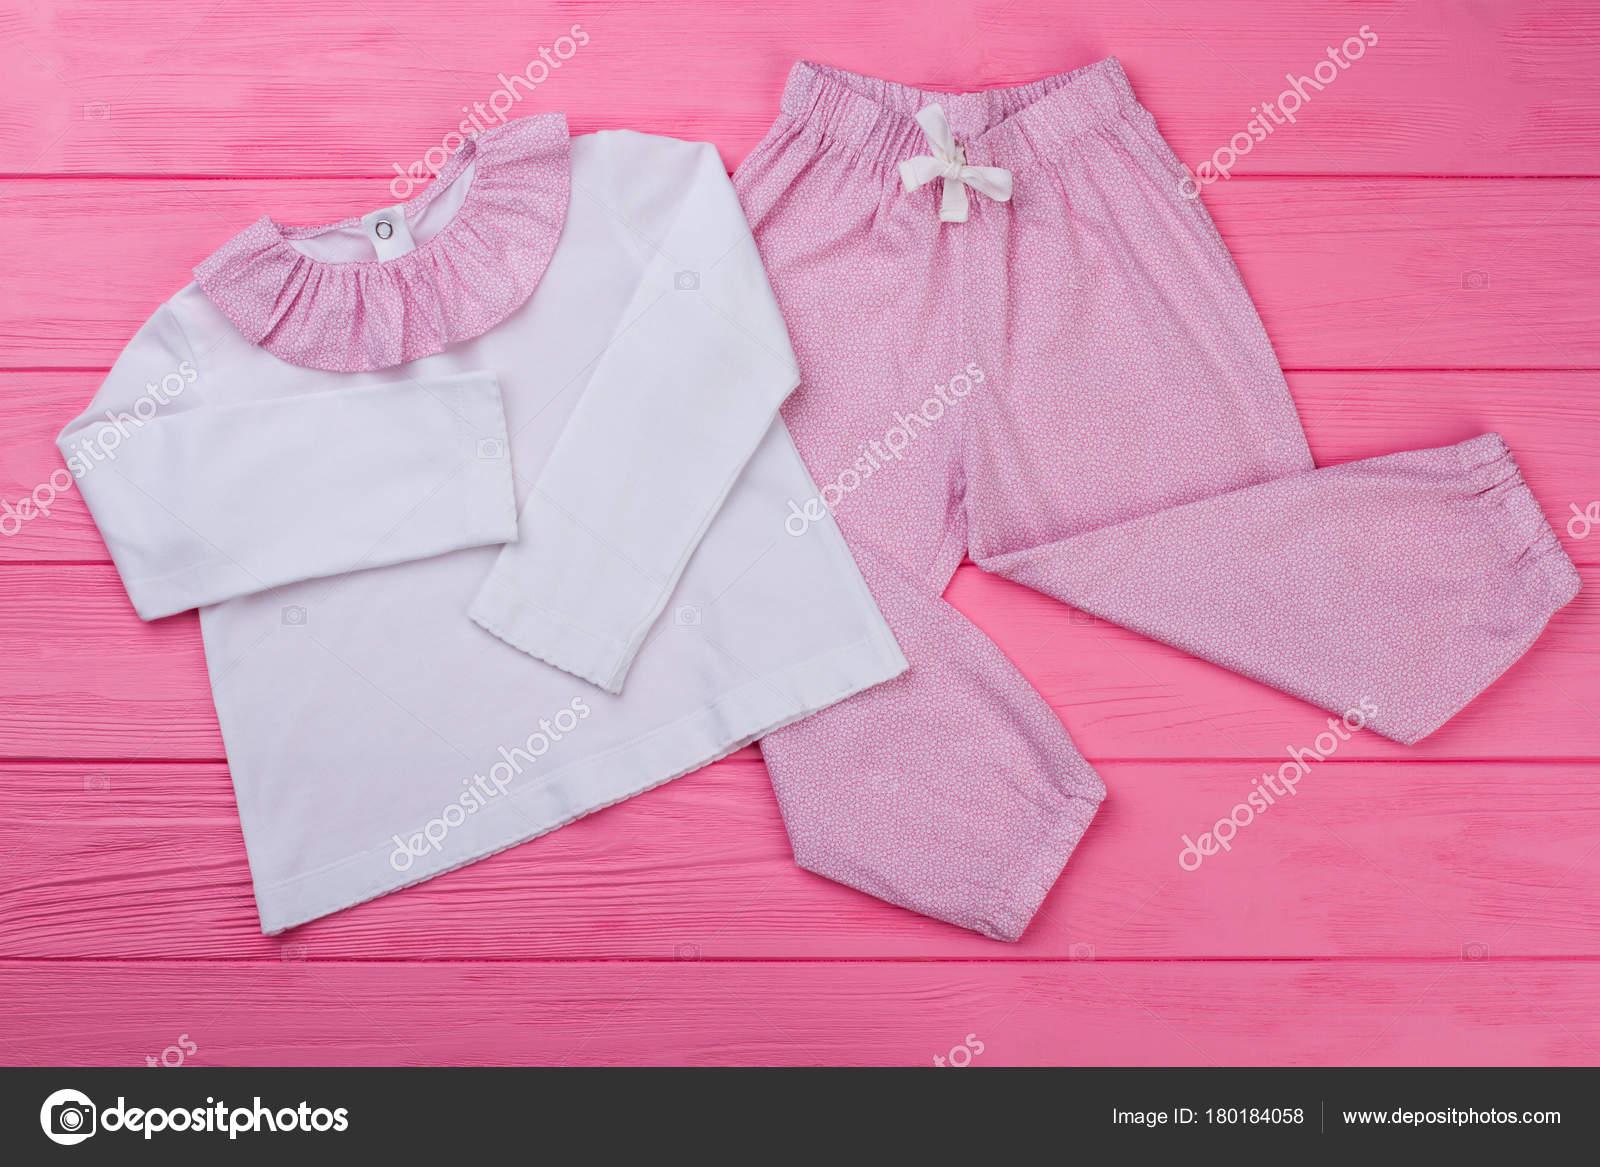 1f0e141a8ab8 Chicas top y pantalones pijama en fondo madera. Rosa y blanco. Ropa cómoda  para dormir bien — Foto de Denisfilm